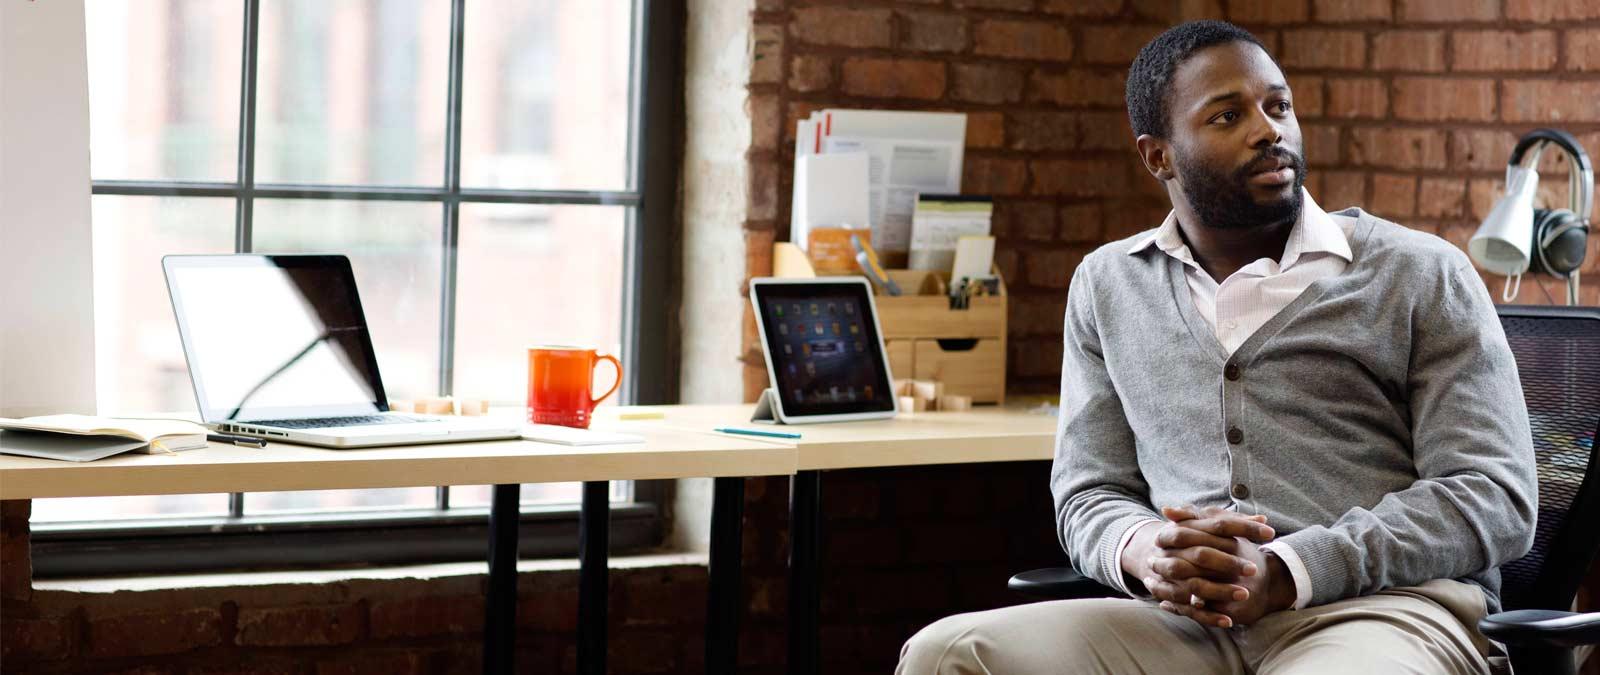 Hombre sentado junto a un escritorio, y tableta y portátil con Office 365 Empresa Premium.